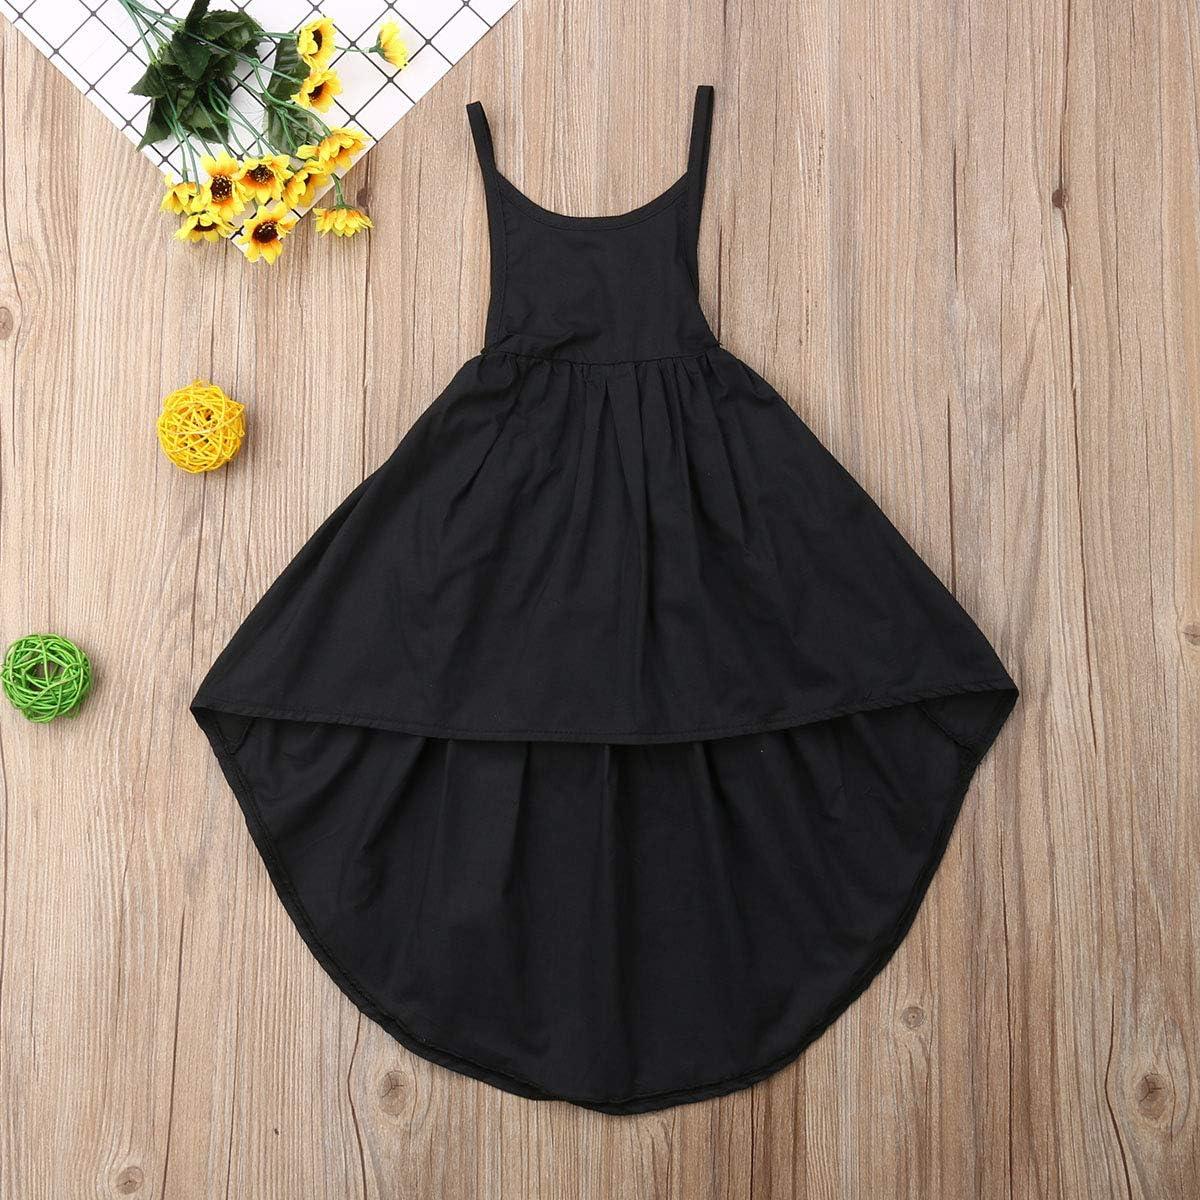 Qiylii Kids Baby Girl Sleeveless Backless Plain Ruffle Flutter Dress Sundress Clothes